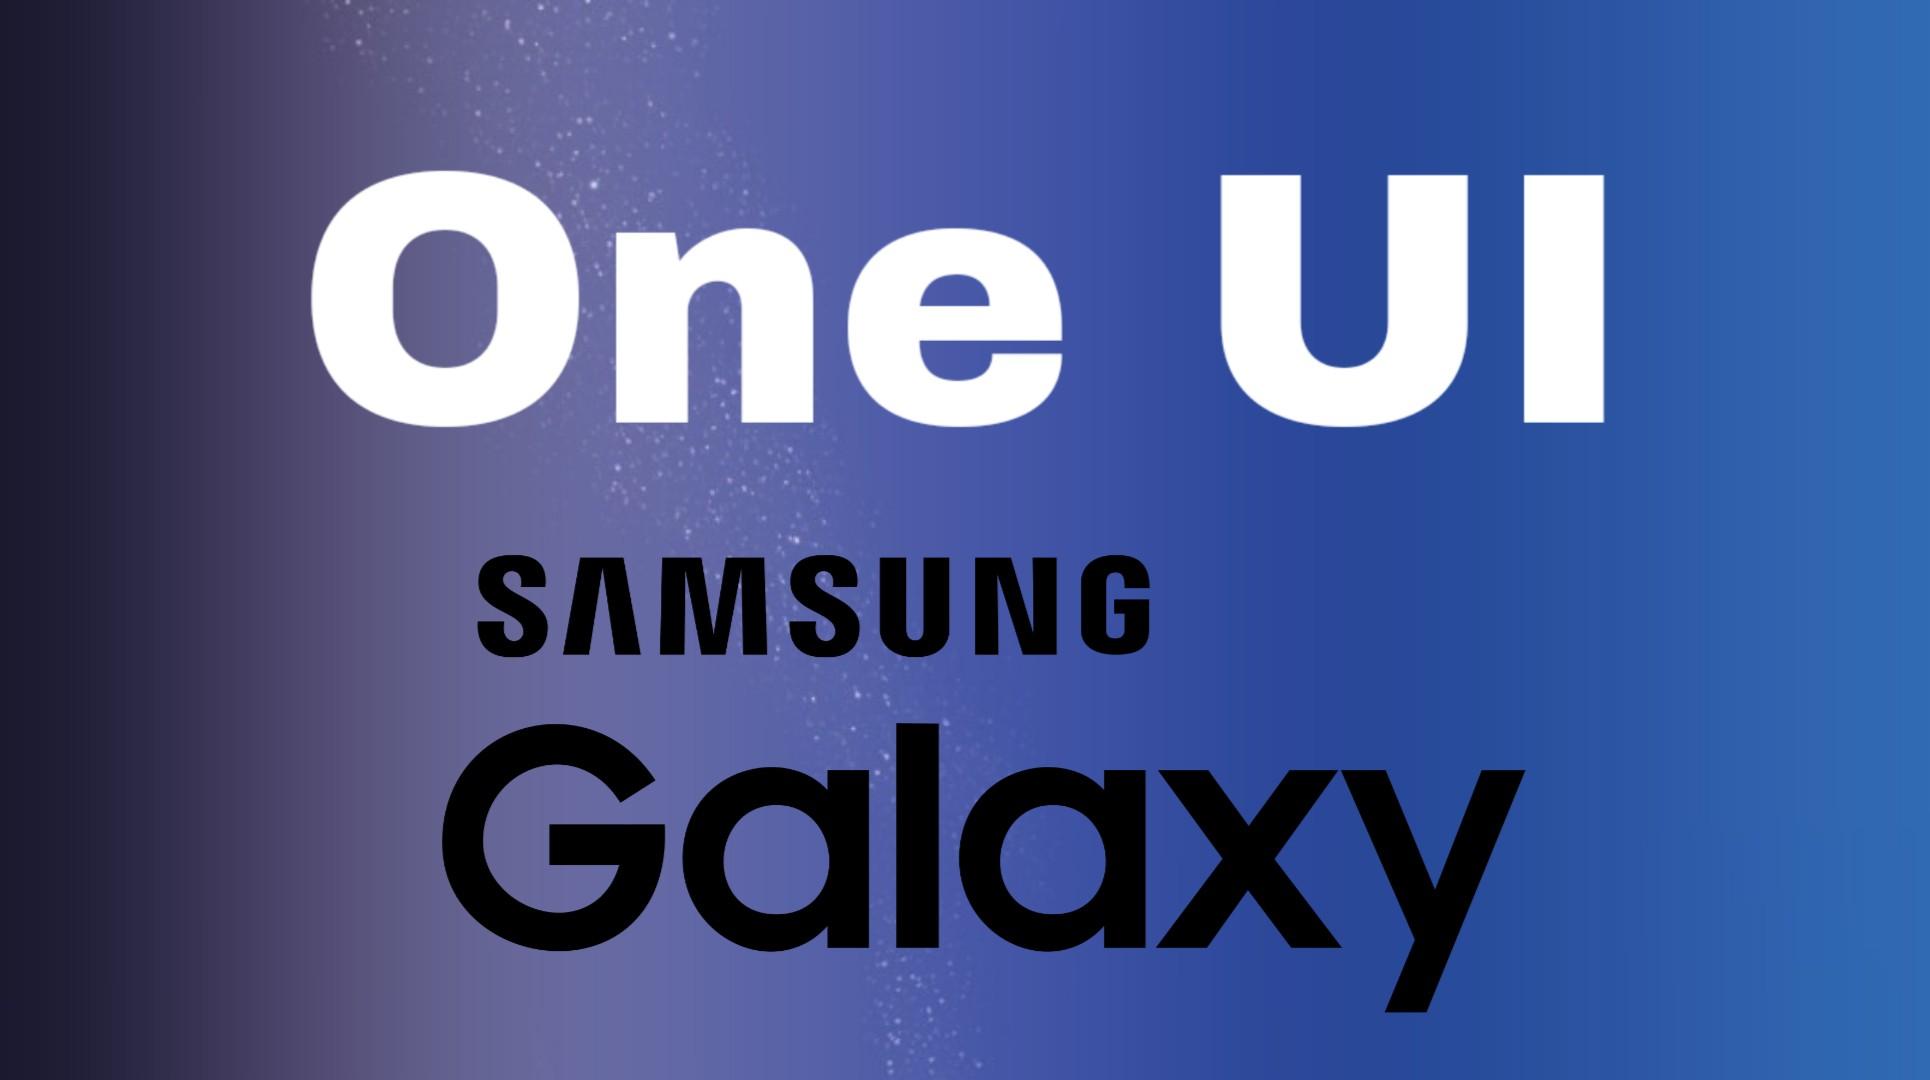 Una interfaz de usuario basada en Android Pie Set para hacerse cargo de la experiencia de Samsung